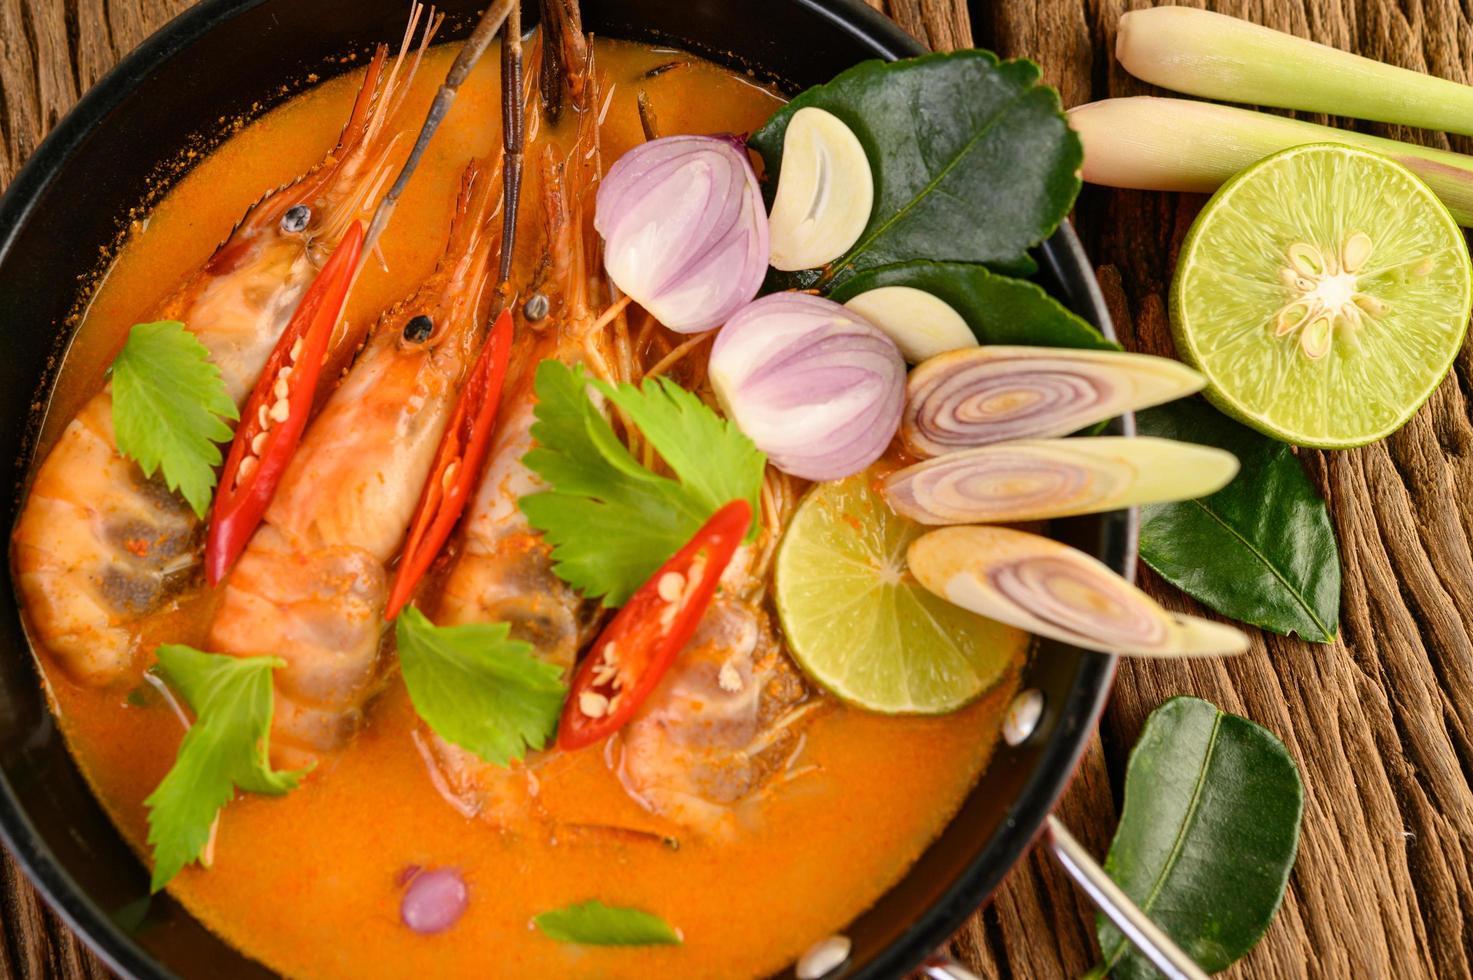 zuppa piccante calda tailandese chiamata tom yum kung con gamberetti foto